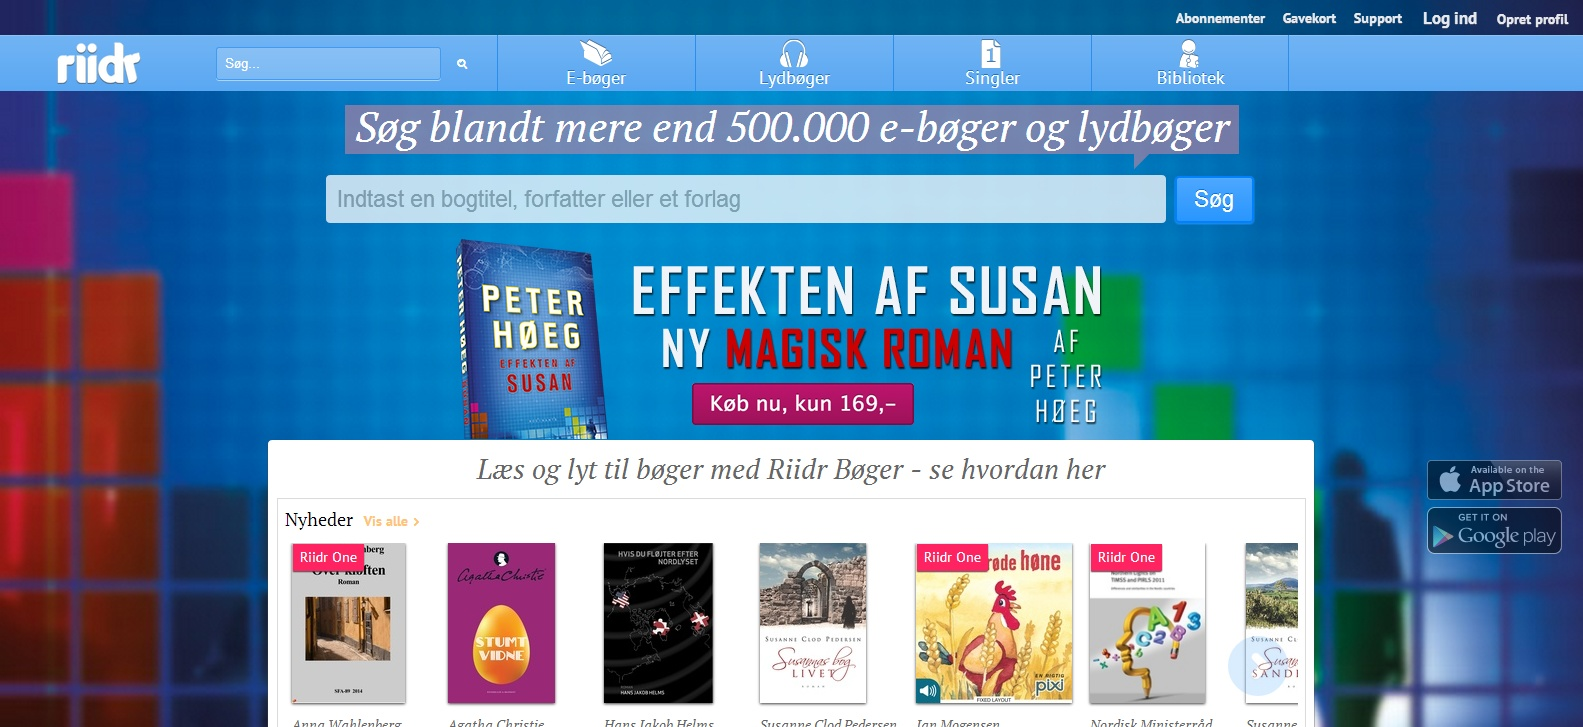 Den digitale platform Riidr satser på opsving af lydbøger